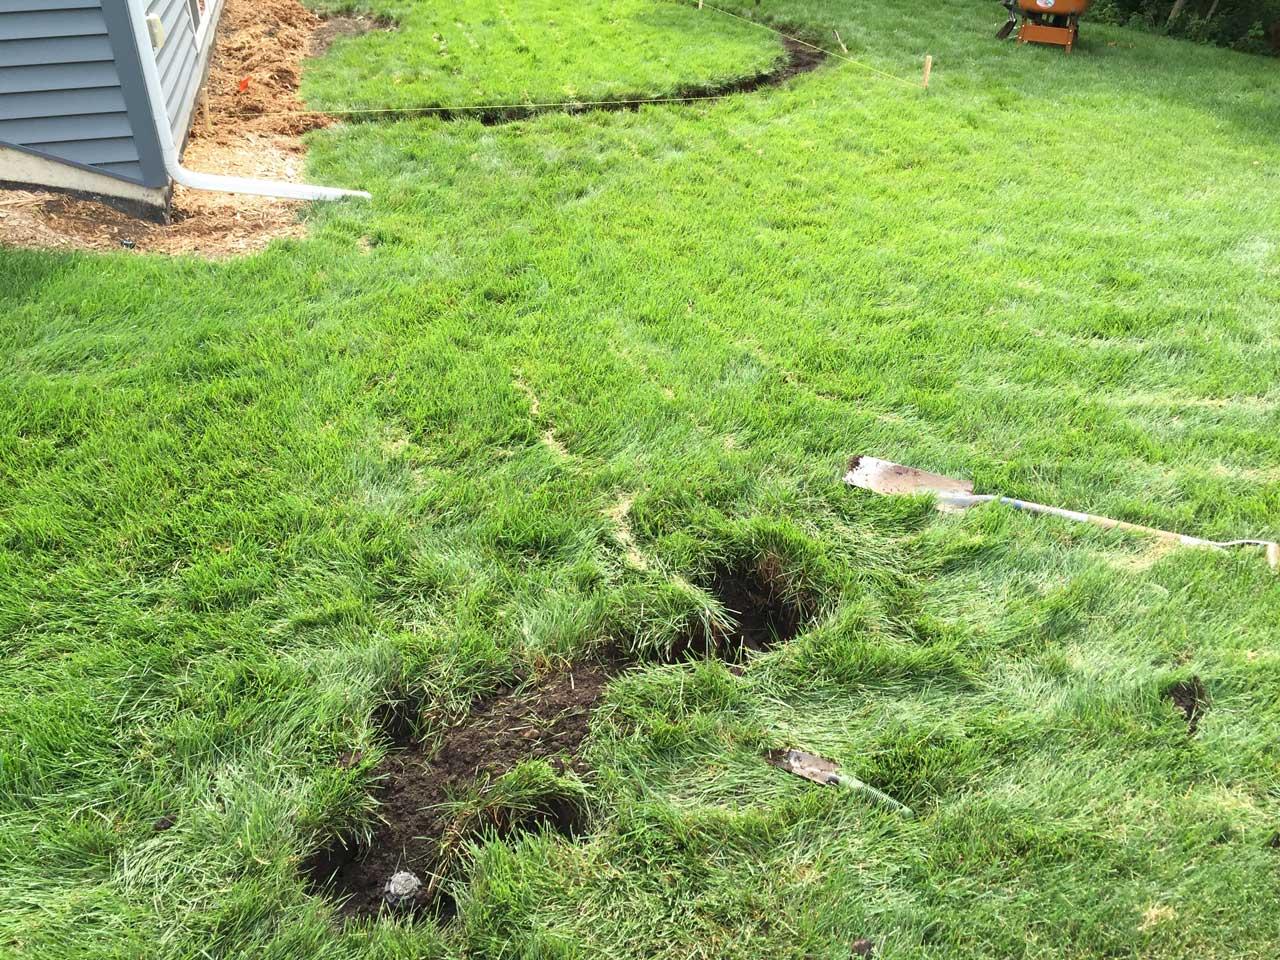 Sprinkler line branch, zoomed out